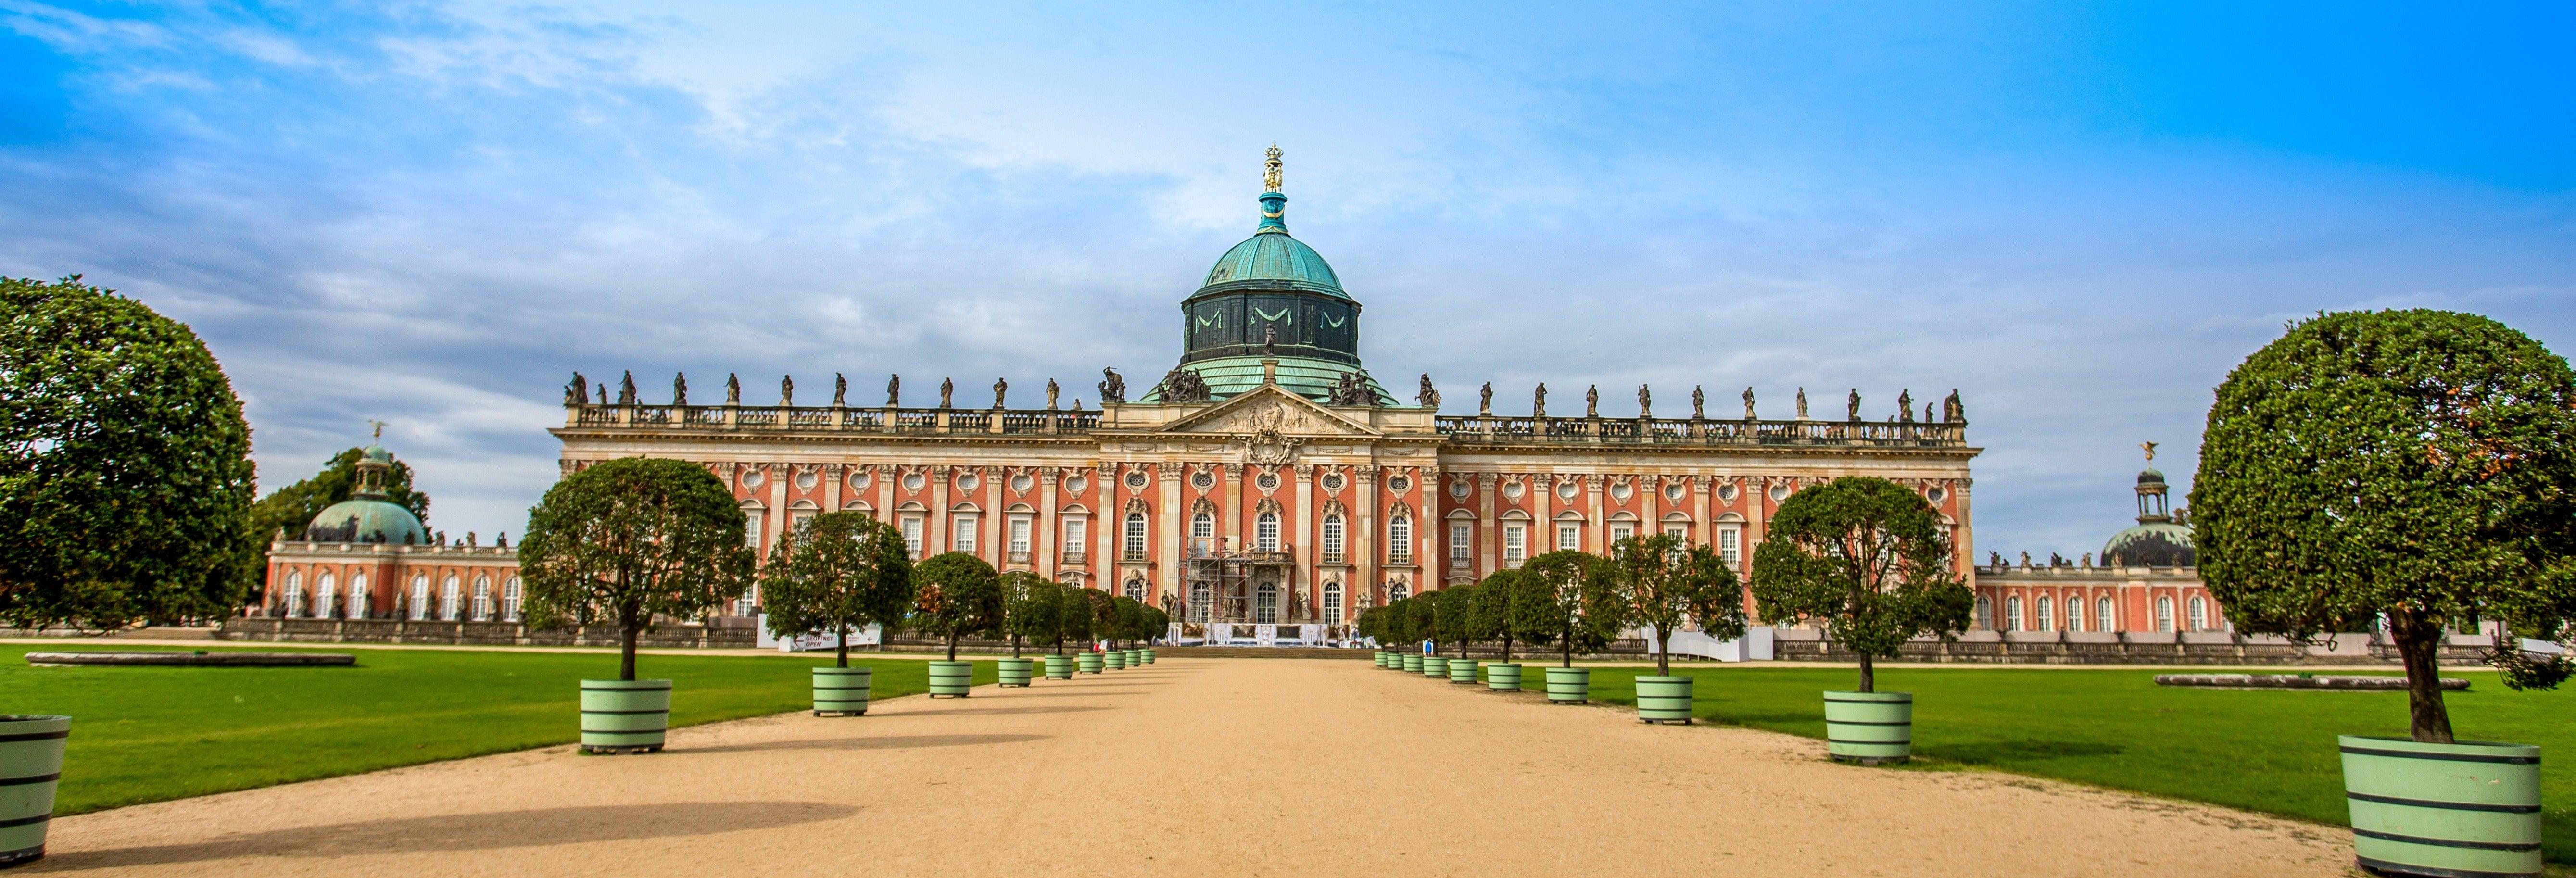 Excursão privada saindo de Berlim